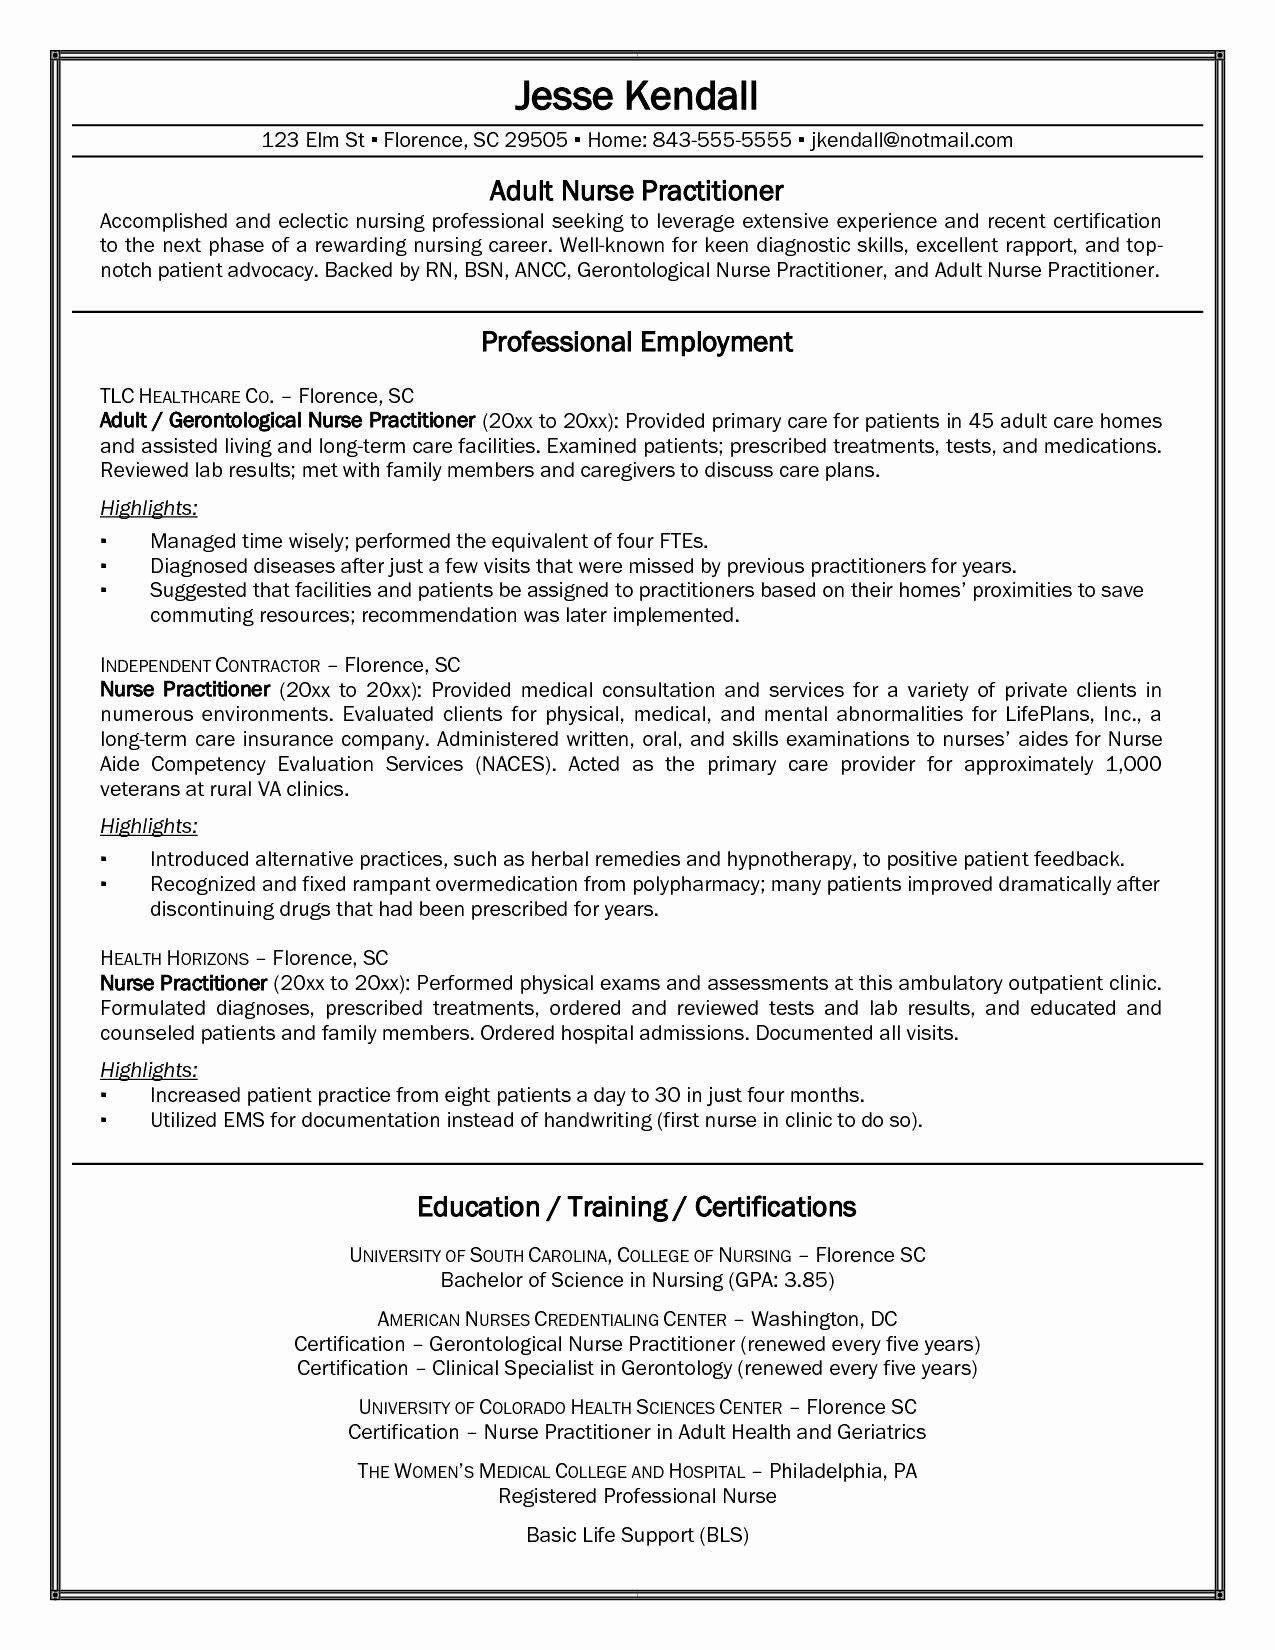 Veterans Service Representative Resume Inspirational Cover Letter For Nursing Free Nurs Nursing Resume Template Registered Nurse Resume Cover Letter For Resume